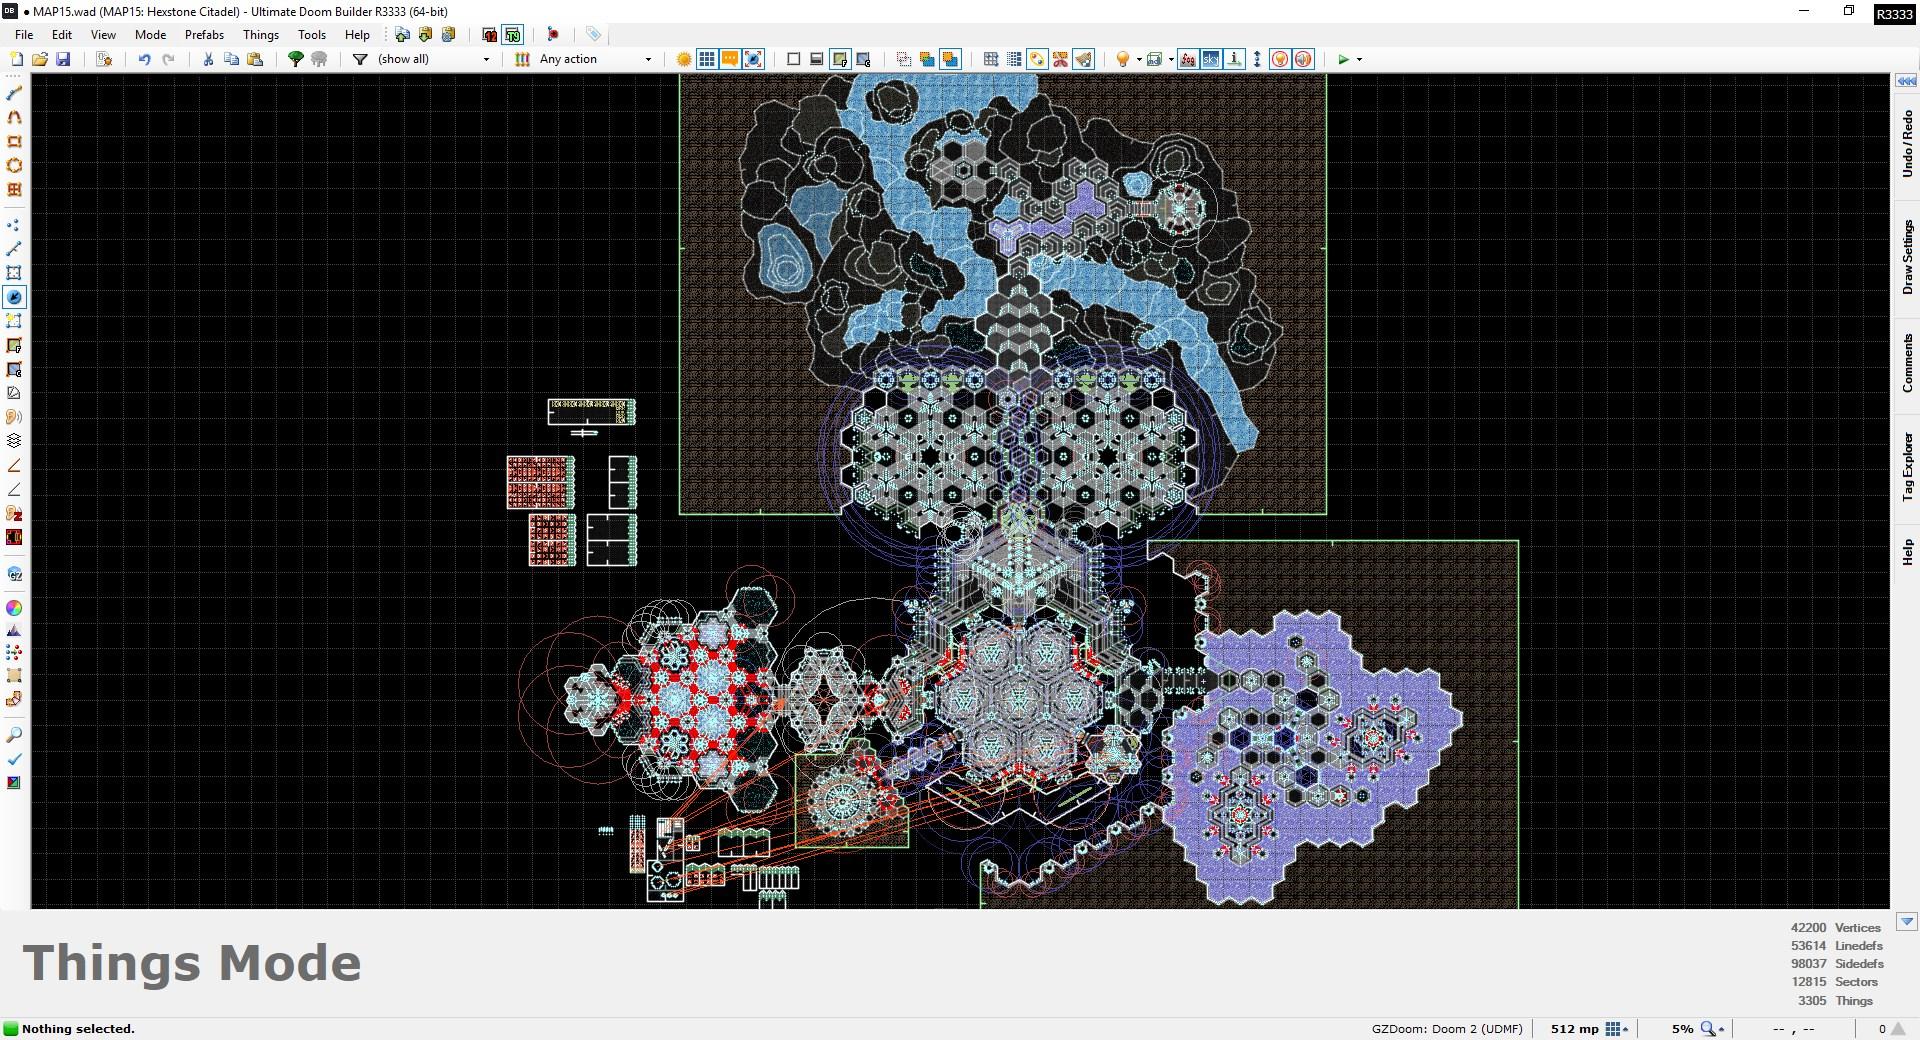 MAP15-at-2020-01-11-20-09-56-723-R3333.j